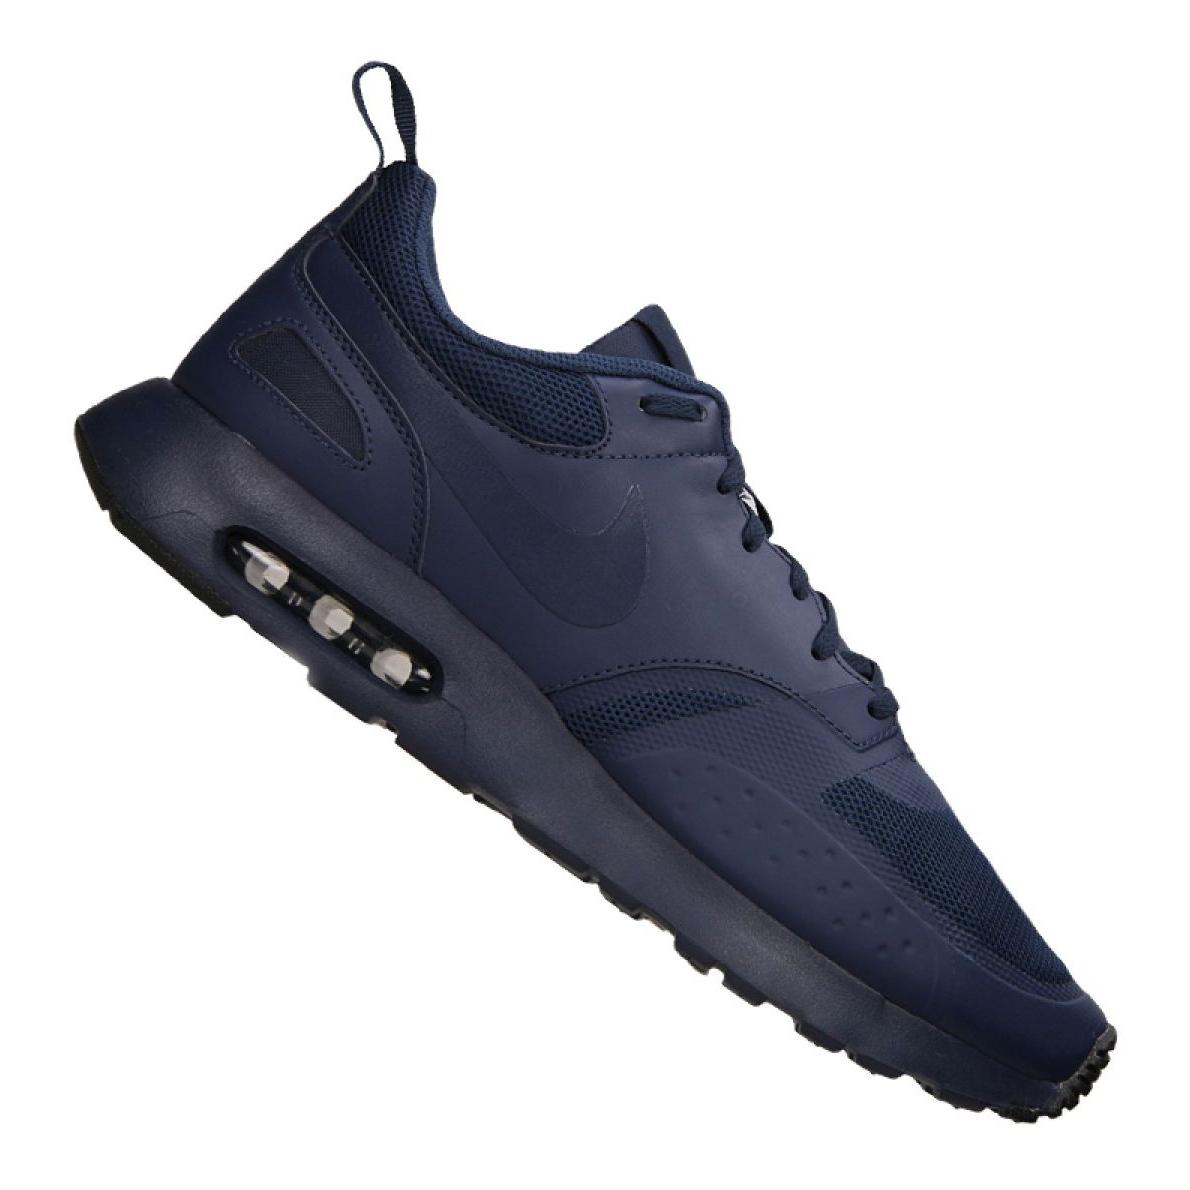 918230 001 Nike Air Max Vision Schwarz Schwarz Schuhe